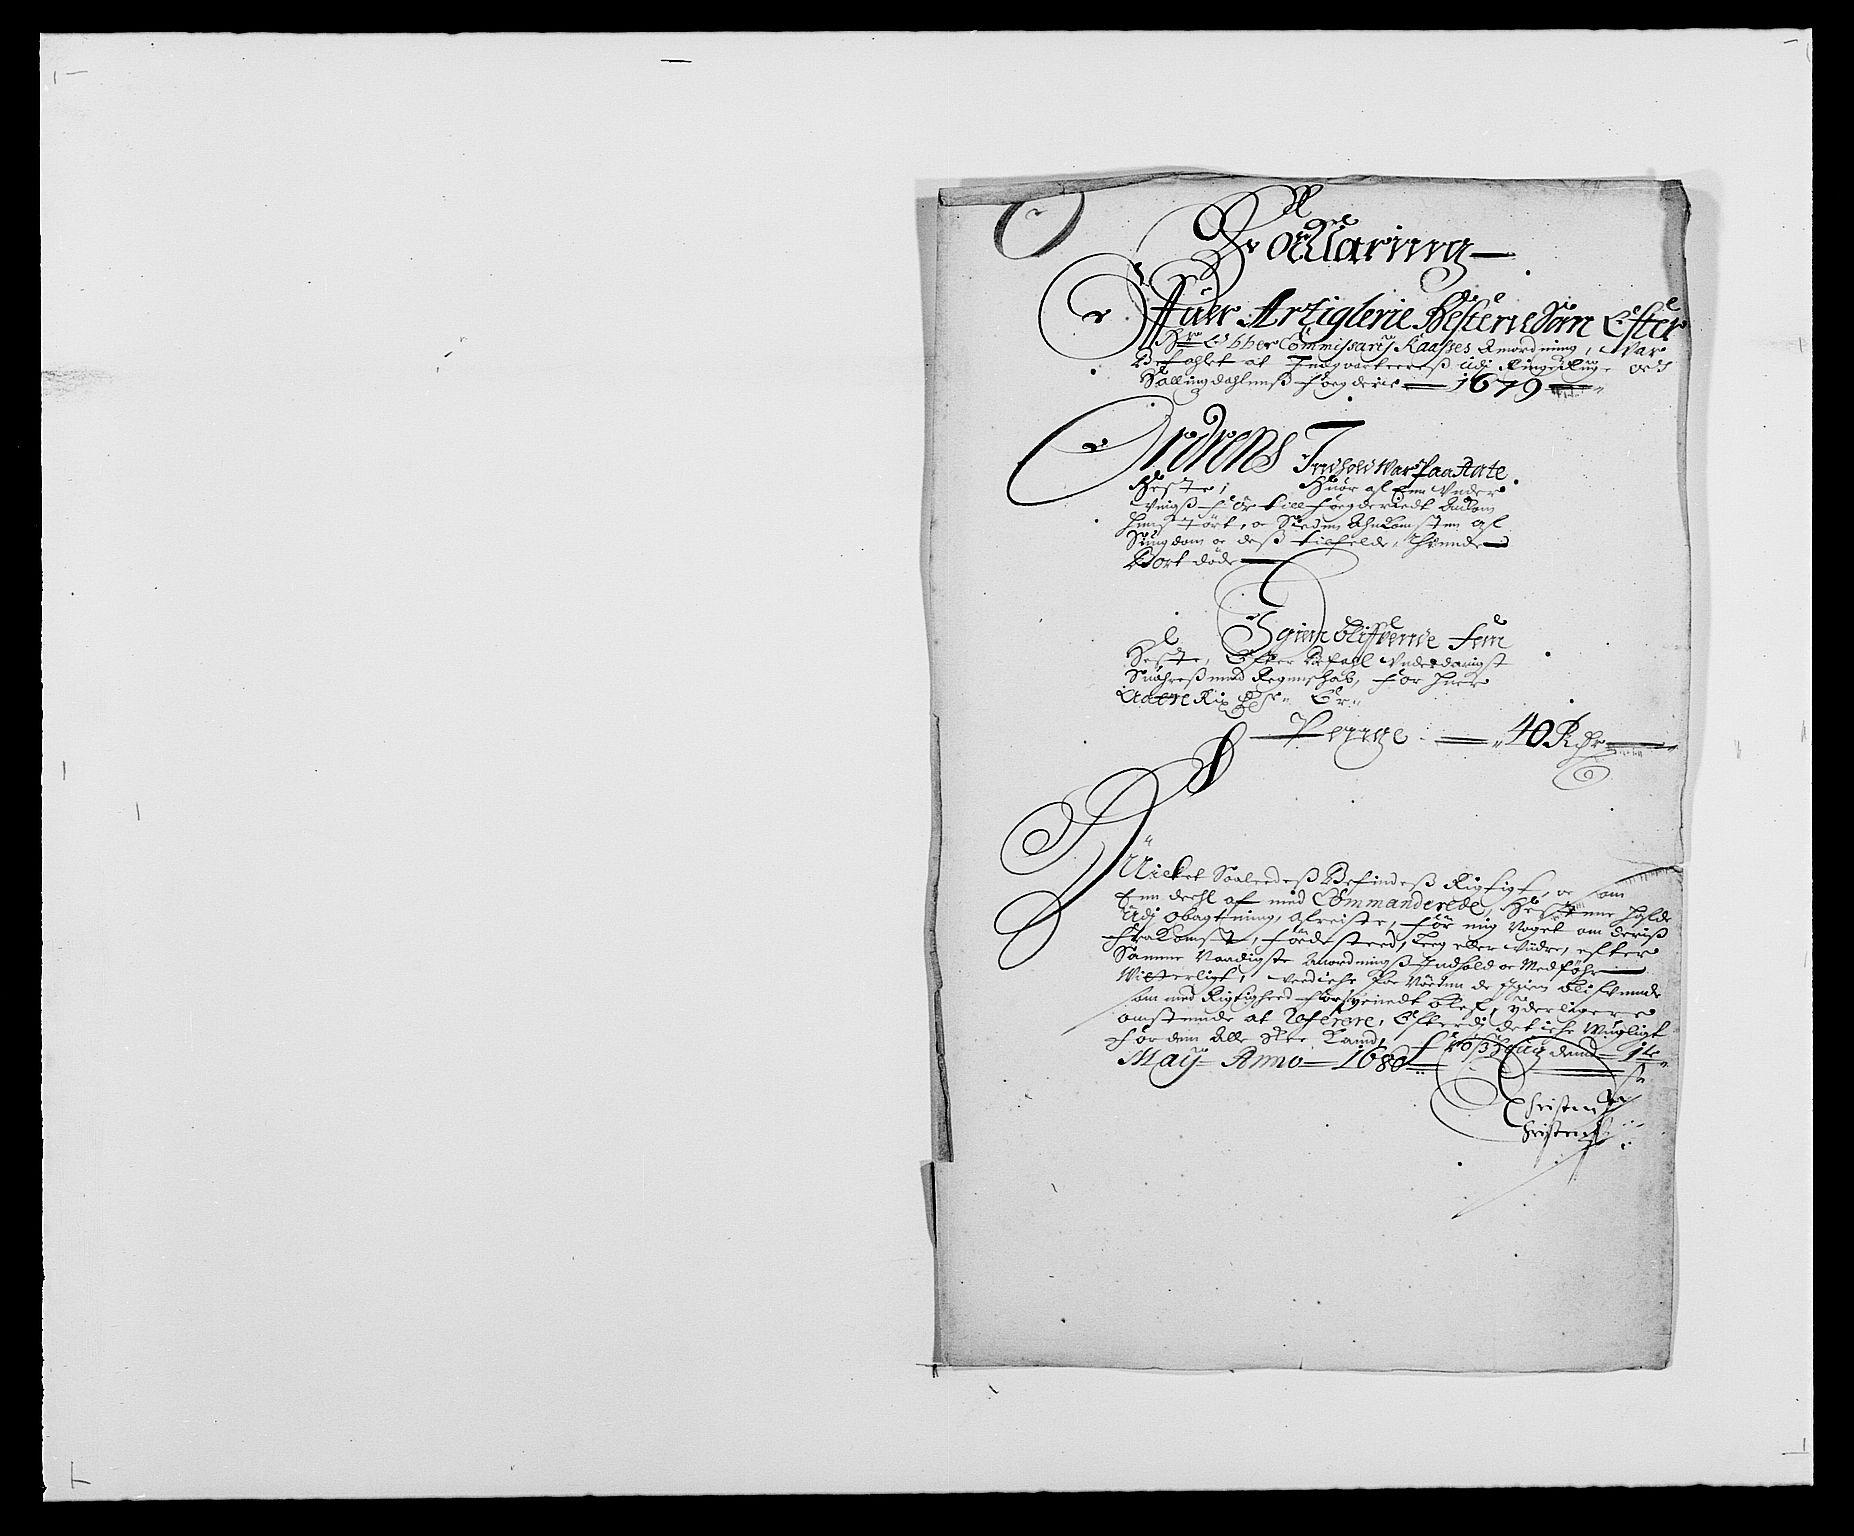 RA, Rentekammeret inntil 1814, Reviderte regnskaper, Fogderegnskap, R21/L1443: Fogderegnskap Ringerike og Hallingdal, 1678-1680, s. 242